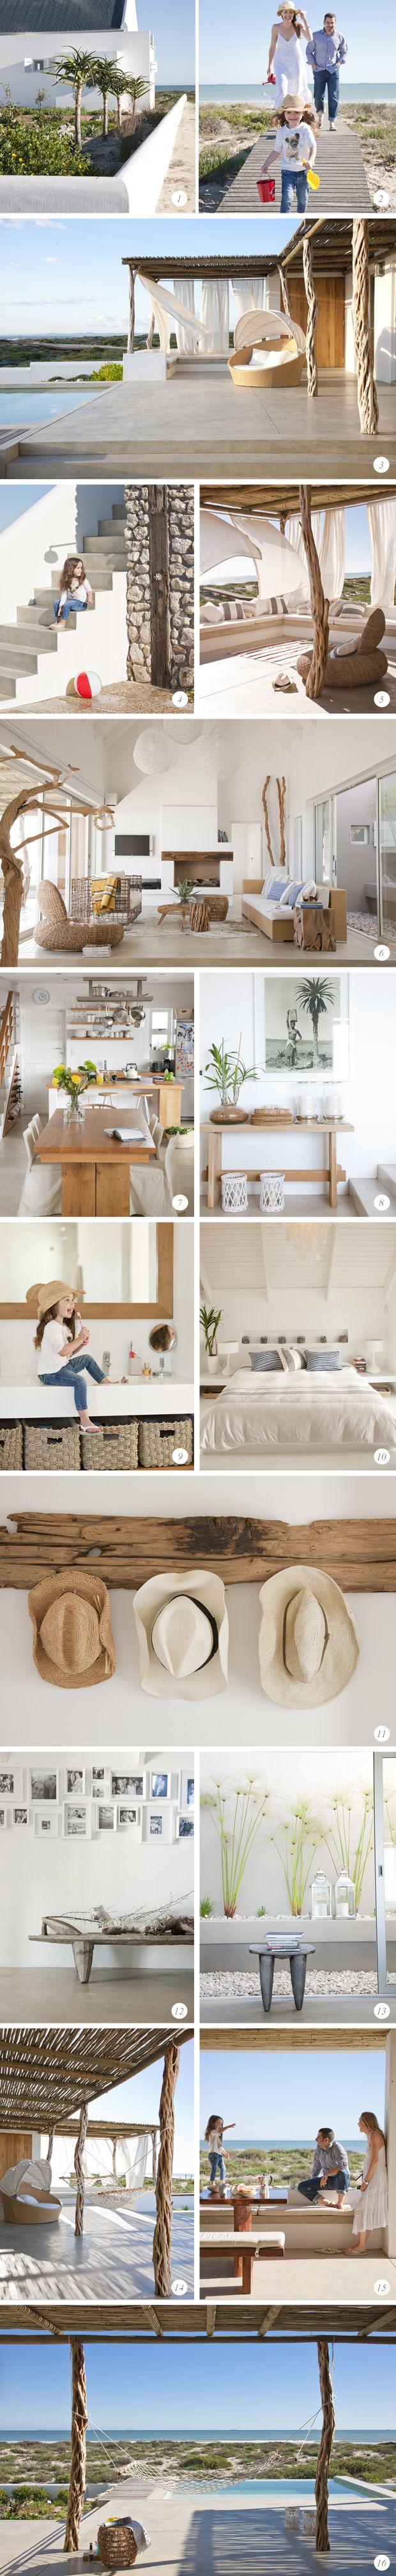 a9c30ab075a76073d4e7ad72c1af5647--home-interior-design-natural-living Impressionnant De Table De Jardin Tressé Concept